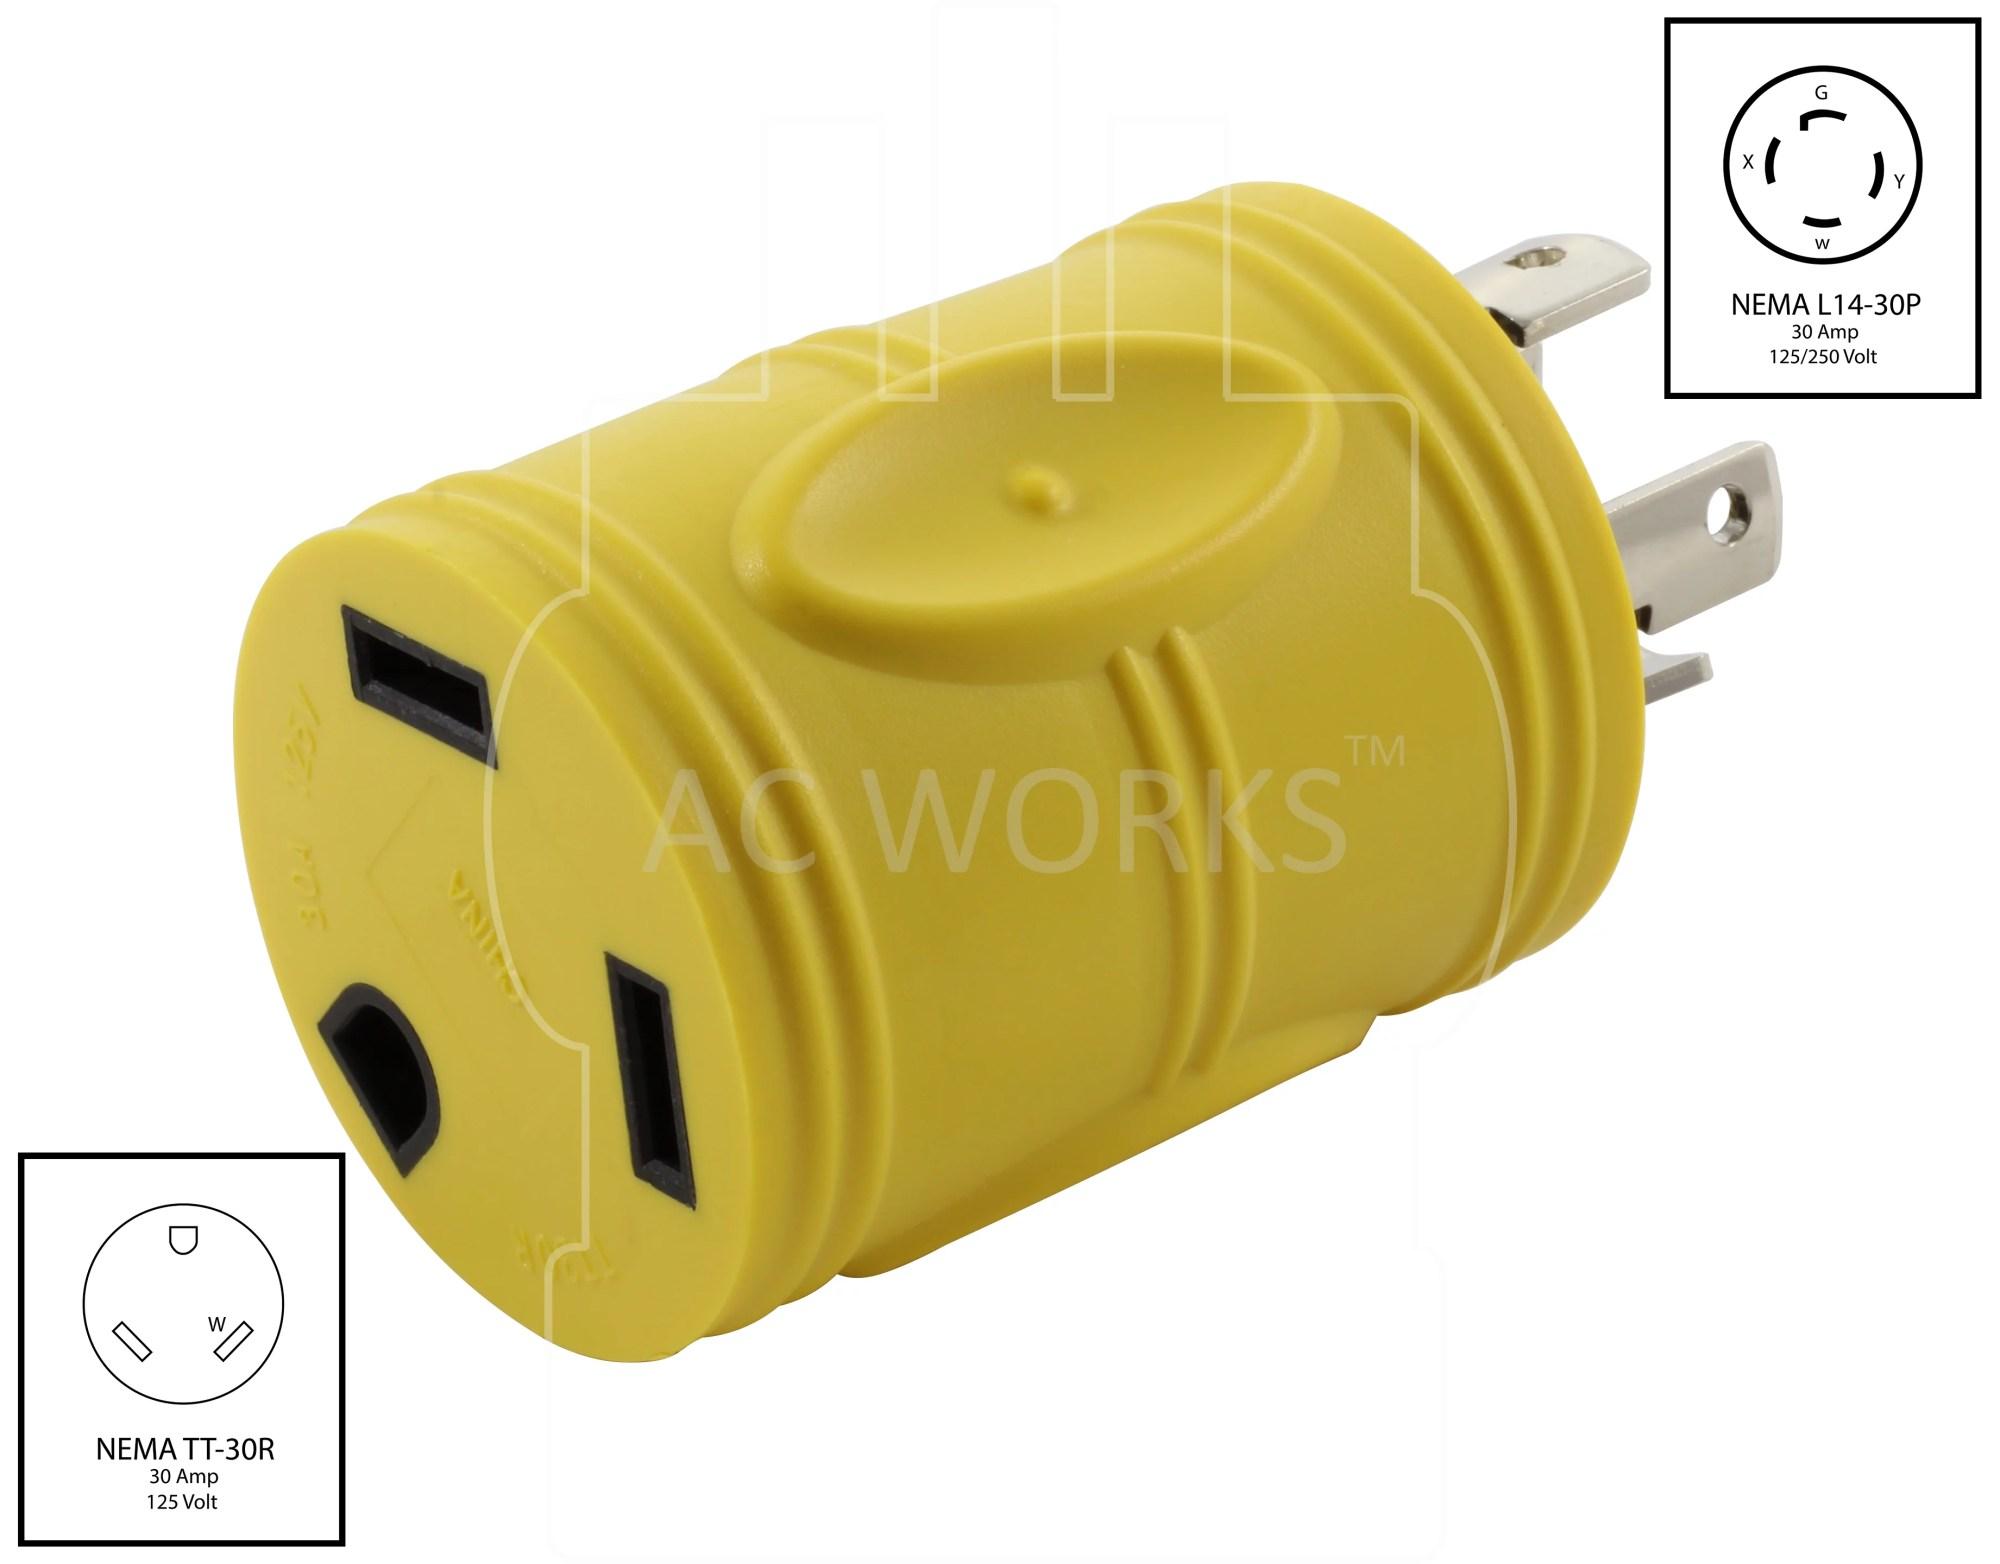 hight resolution of  nema tt 30r wiring diagram detailed wiring diagram nema l r receptacle wiring diagram on l5